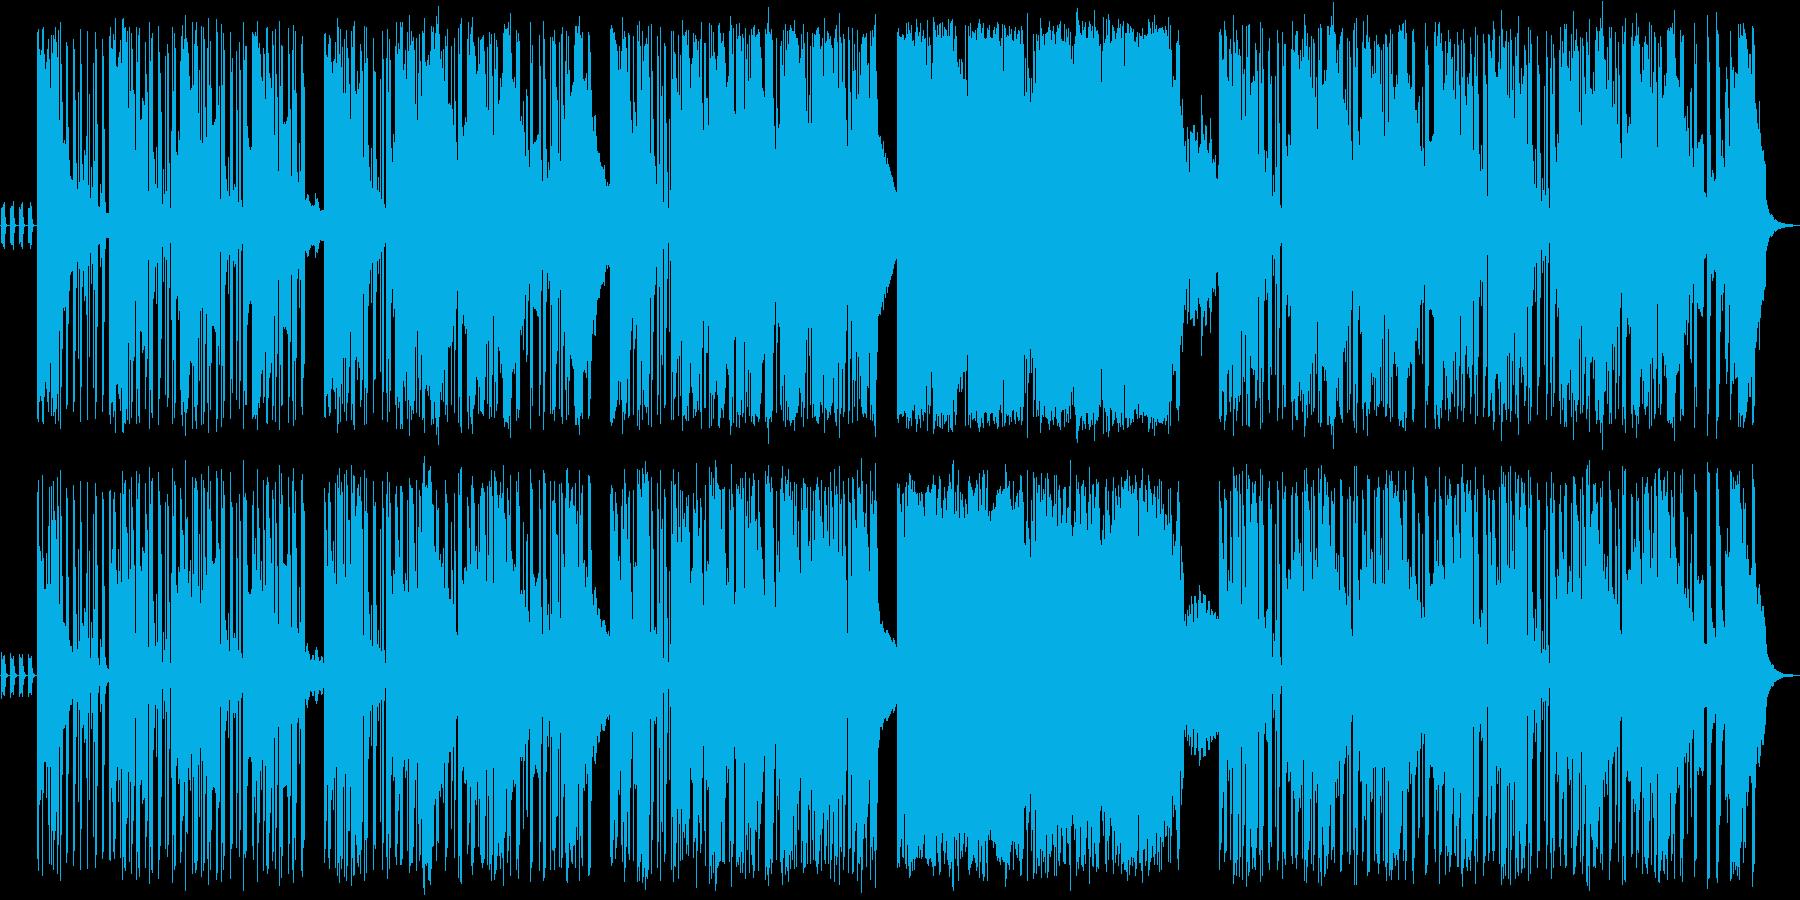 暗いイメージの洞窟やフィールド曲の再生済みの波形